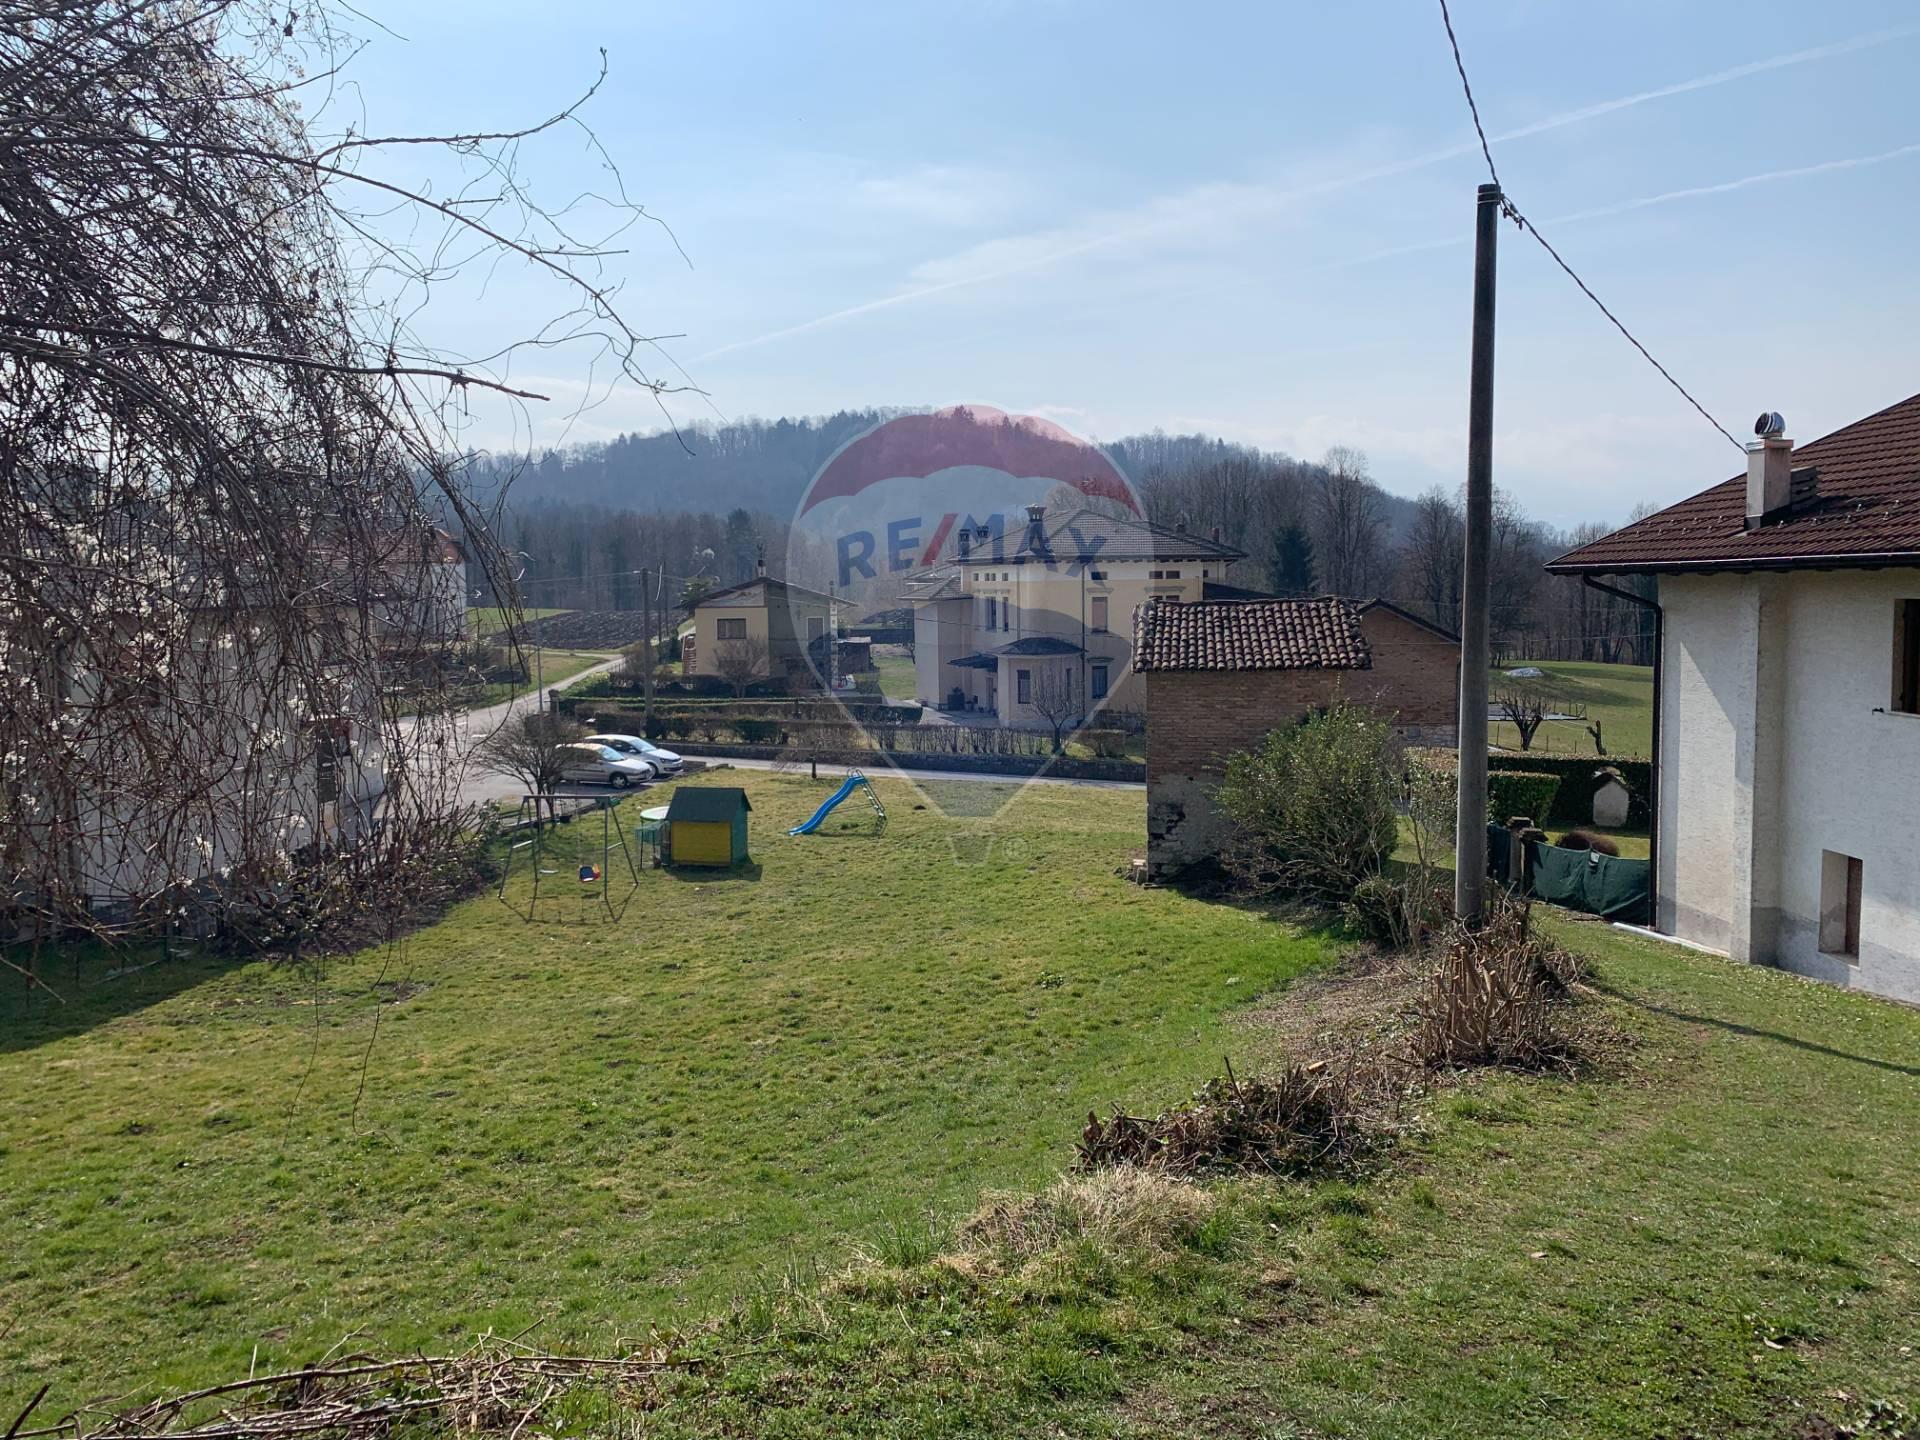 Terreno Edificabile Residenziale in vendita a Sospirolo, 9999 locali, zona Località: Piz-Camolino, prezzo € 70.000 | CambioCasa.it